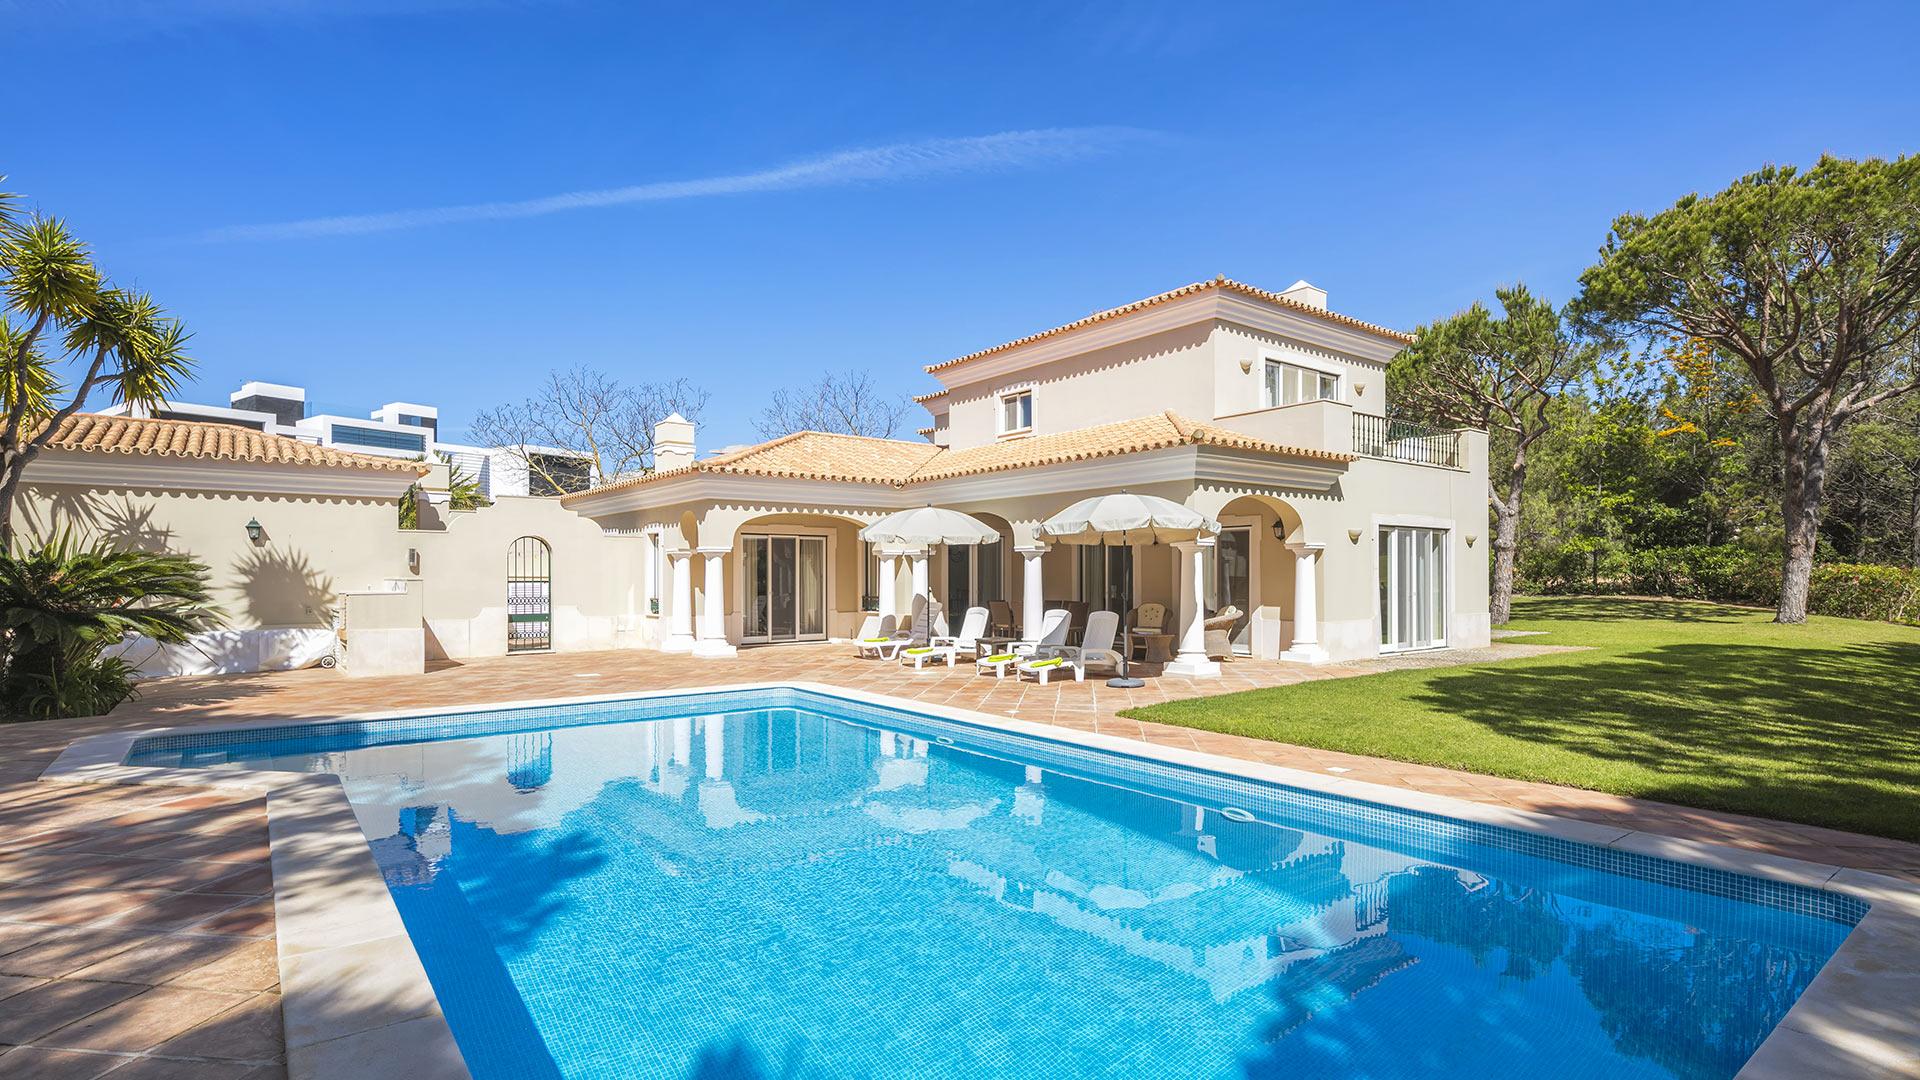 Location Villa De Luxe Algarve Portugal: Le Top à Location Villa Portugal Avec Piscine Pas Cher